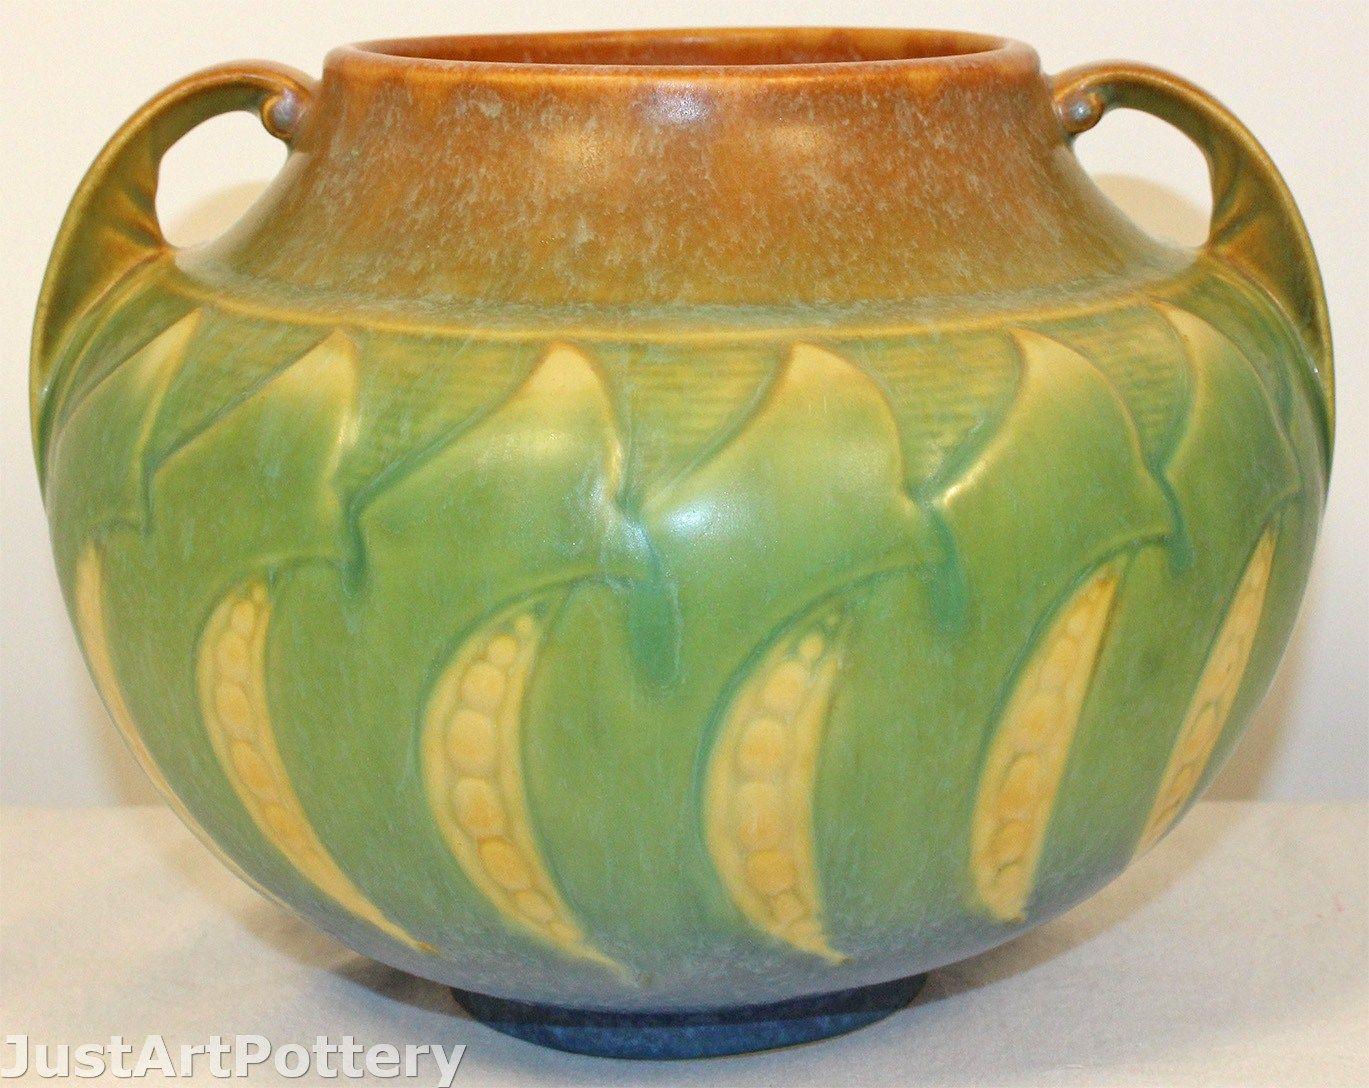 roseville vase patterns of shopgoodwill com 1933 roseville blackberry pattern cerami intended for roseville pottery falline blue vase 650 6 from just art pottery